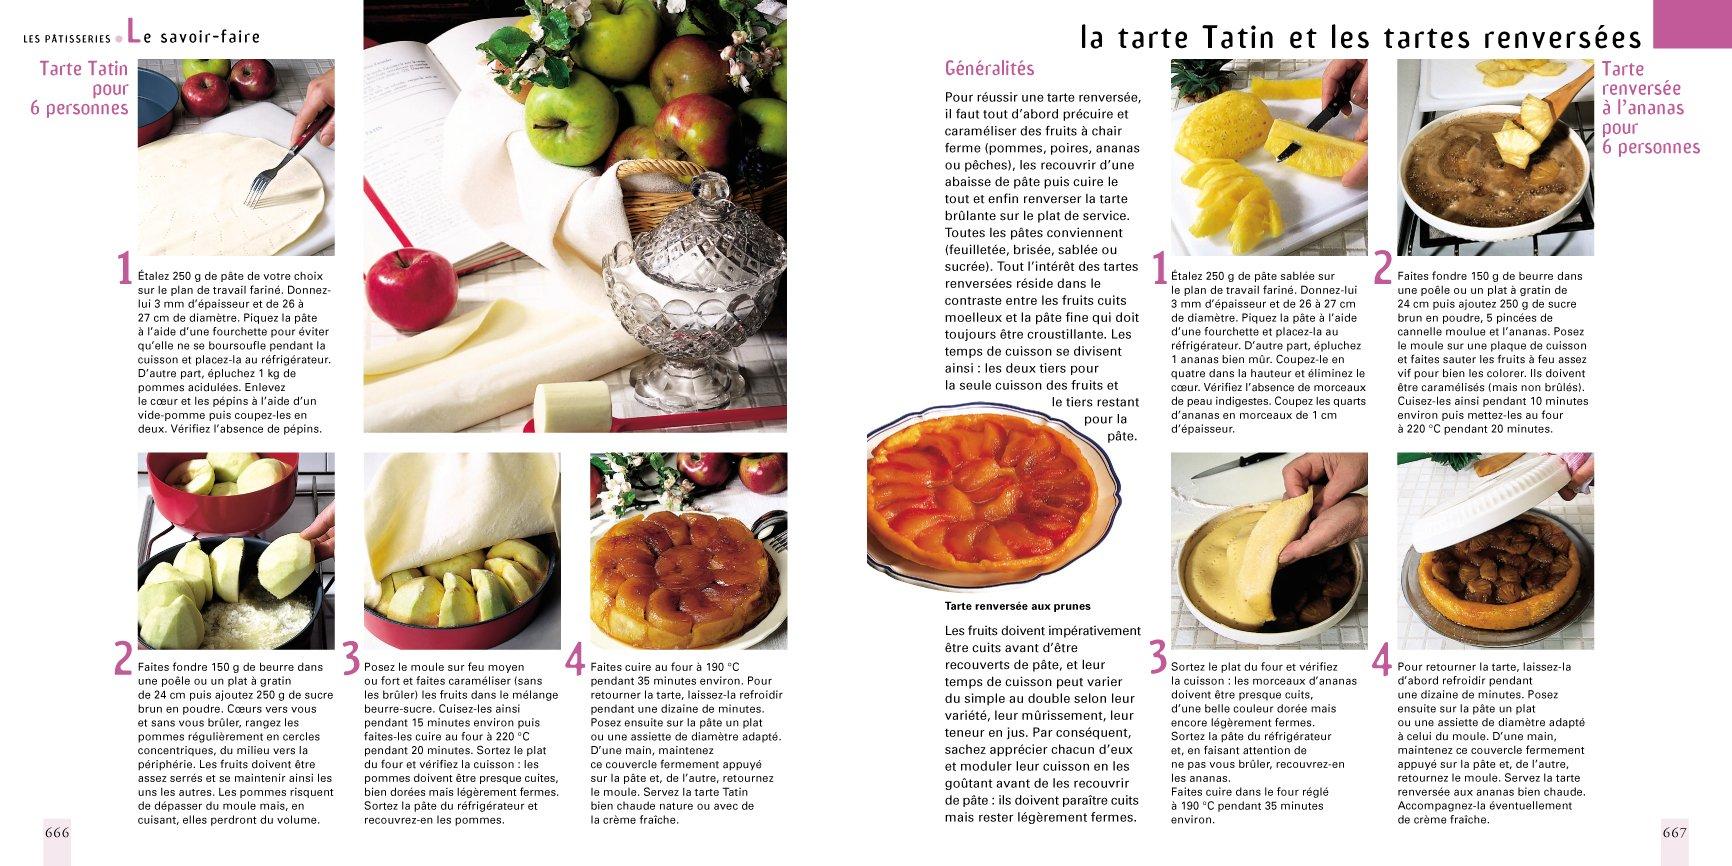 savoir tout faire en cuisine offre abonnement magazine slection mes meilleures recettes